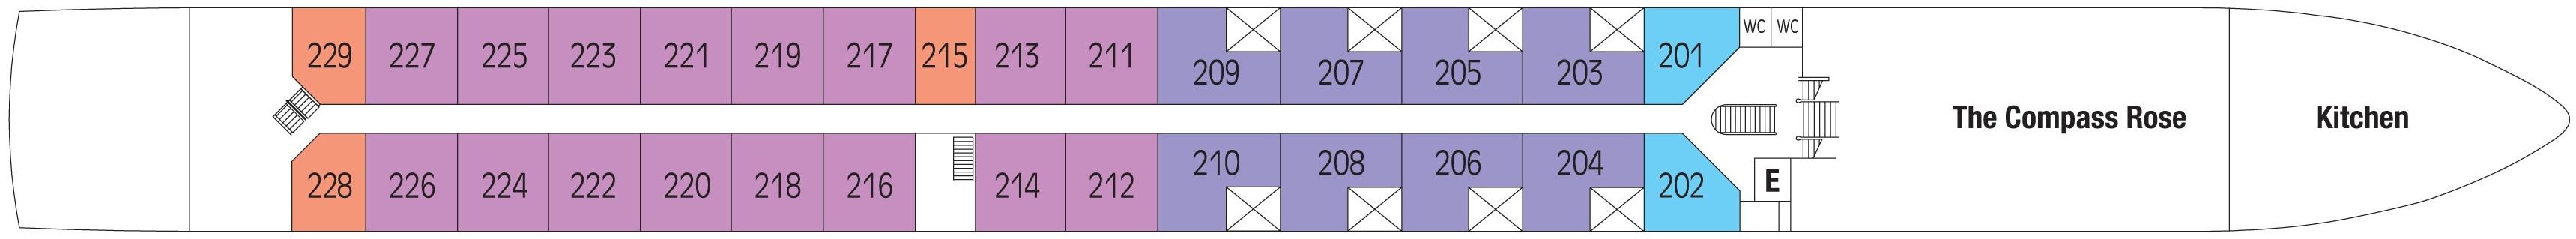 Tauck Inspiration Class Deckplans 2 Ruby Deck.jpg